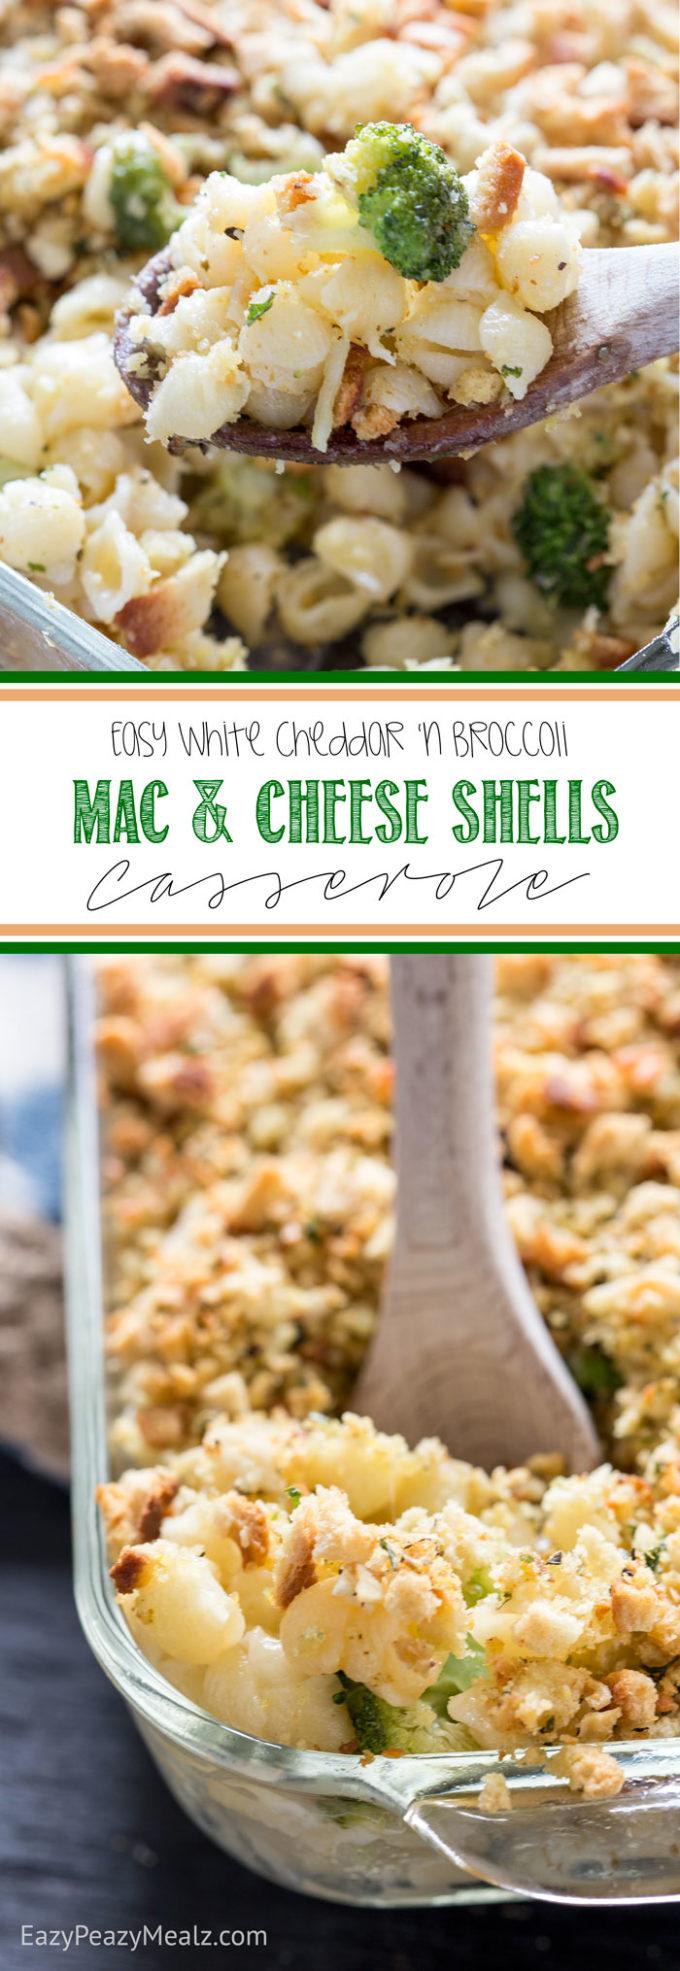 Easy White Cheddar 'n Broccoli Mac and Cheese Shells Casserole - Eazy ...